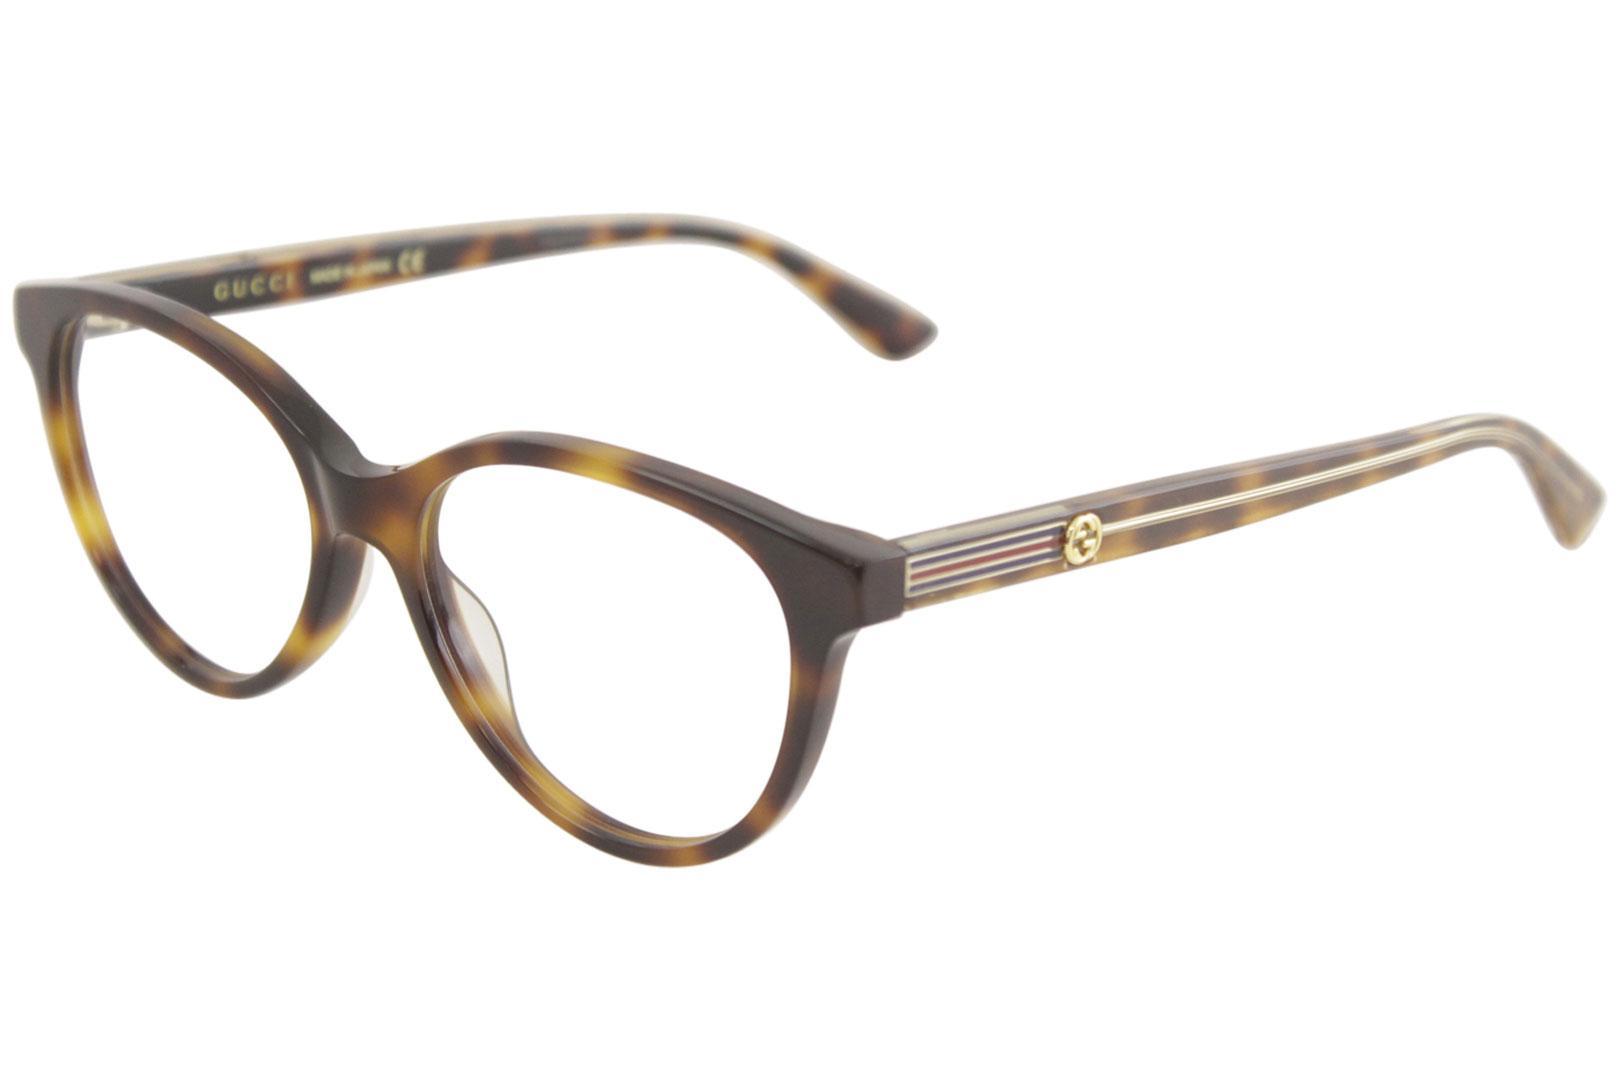 87917c6e2d1d Gucci Women's Eyeglasses GG0379O GG/0379/O Full Rim Optical Frame